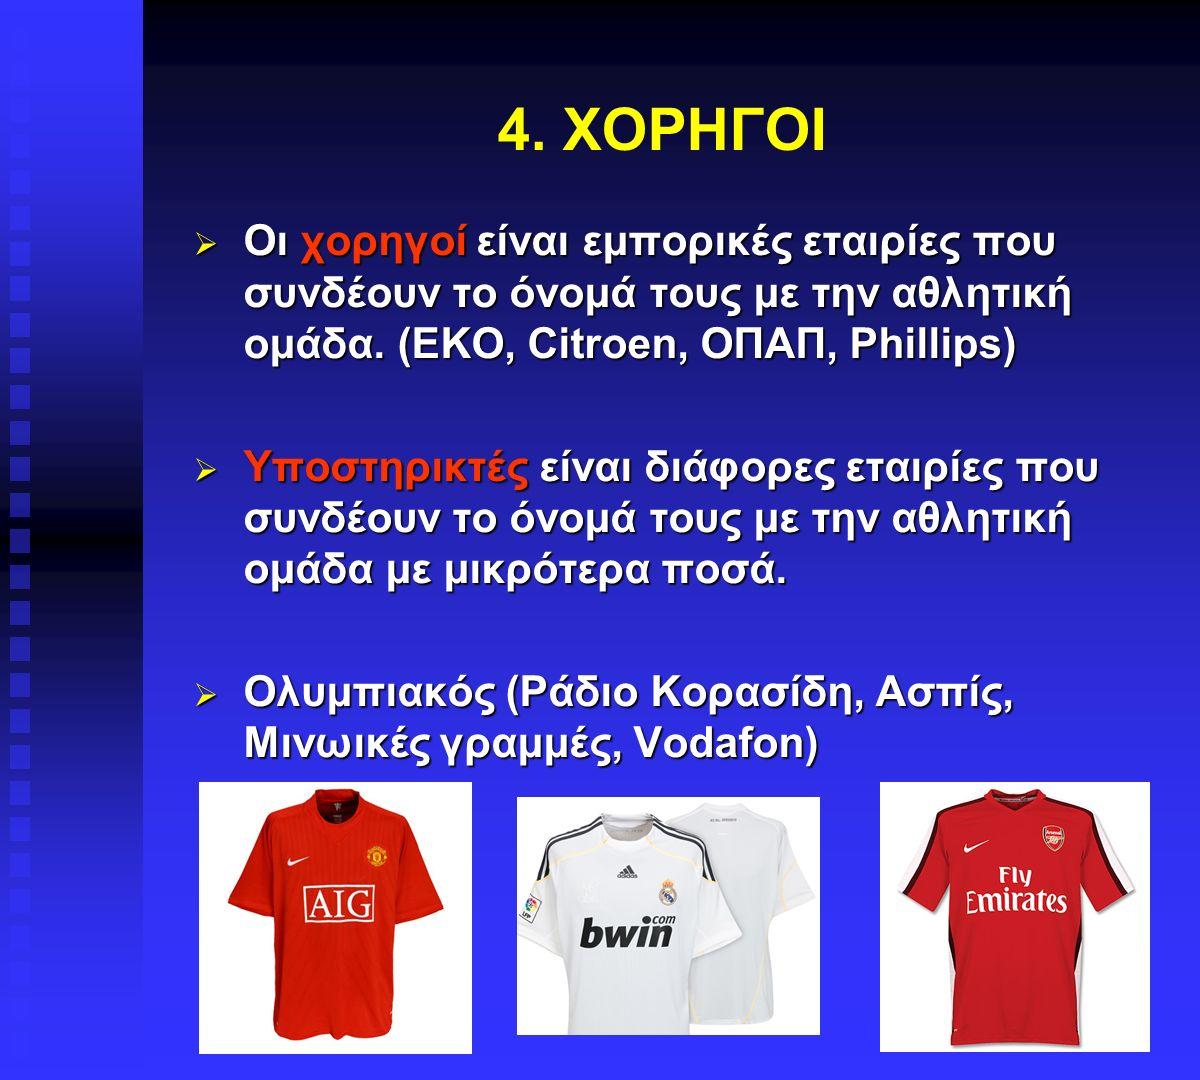 4. ΧΟΡΗΓΟΙ  Οι χορηγοί είναι εμπορικές εταιρίες που συνδέουν το όνομά τους με την αθλητική ομάδα. (EKO, Citroen, ΟΠΑΠ, Phillips)  Υποστηρικτές είναι